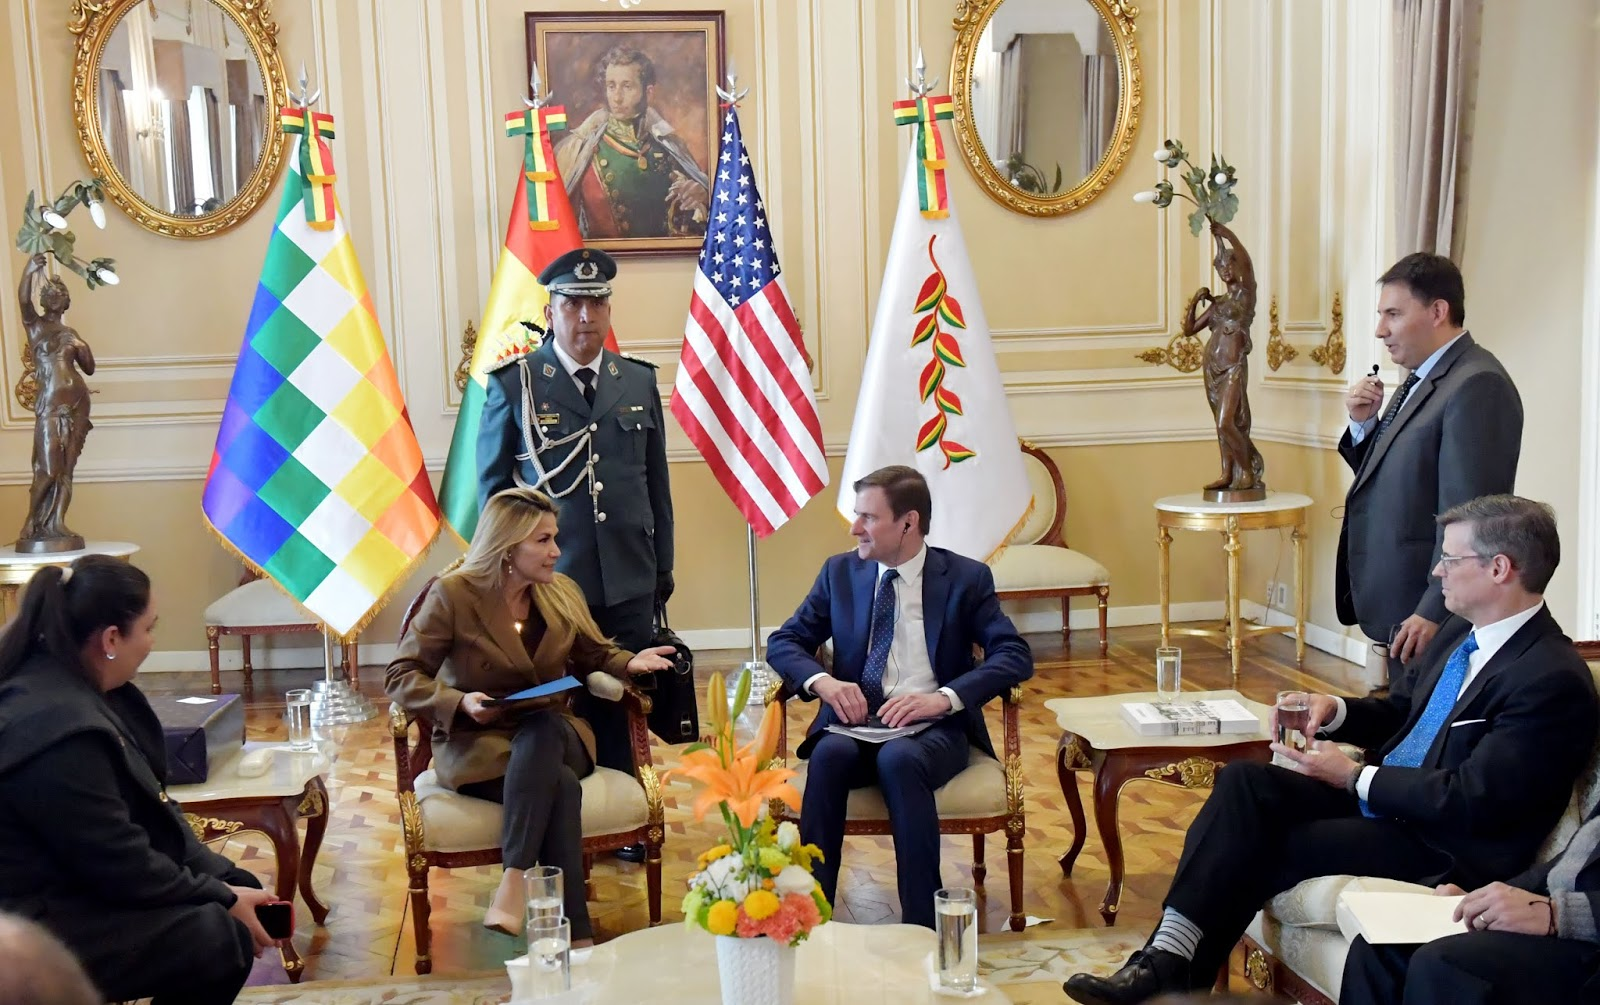 La presidenta constitucional Jeanine Áñez y el subsecretario de Estado para Asuntos Políticos de EEUU, David Hale,  en Palacio Quemado de La Paz / ABI